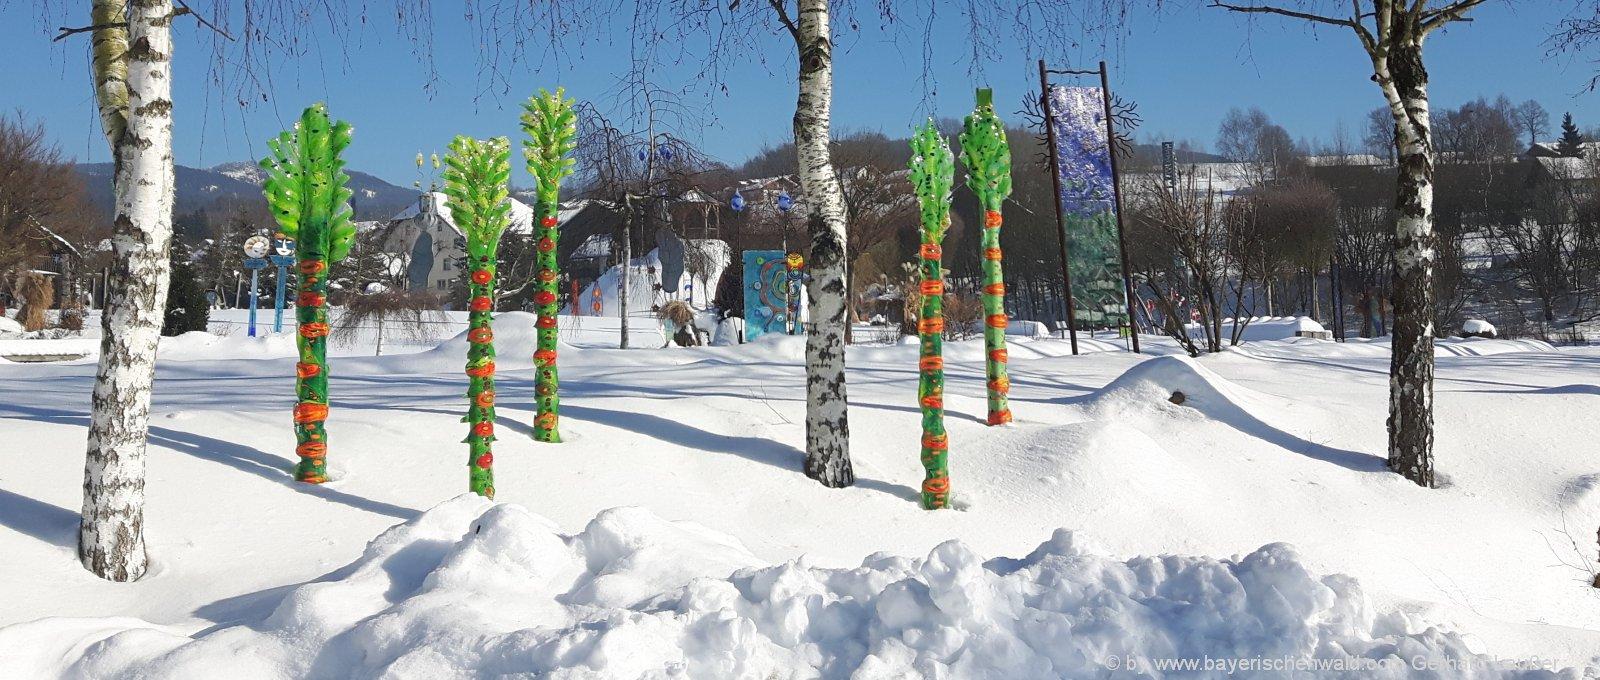 skiurlaub am eck riedelstein skifahren bayerischer wald winterurlaub in regen. Black Bedroom Furniture Sets. Home Design Ideas